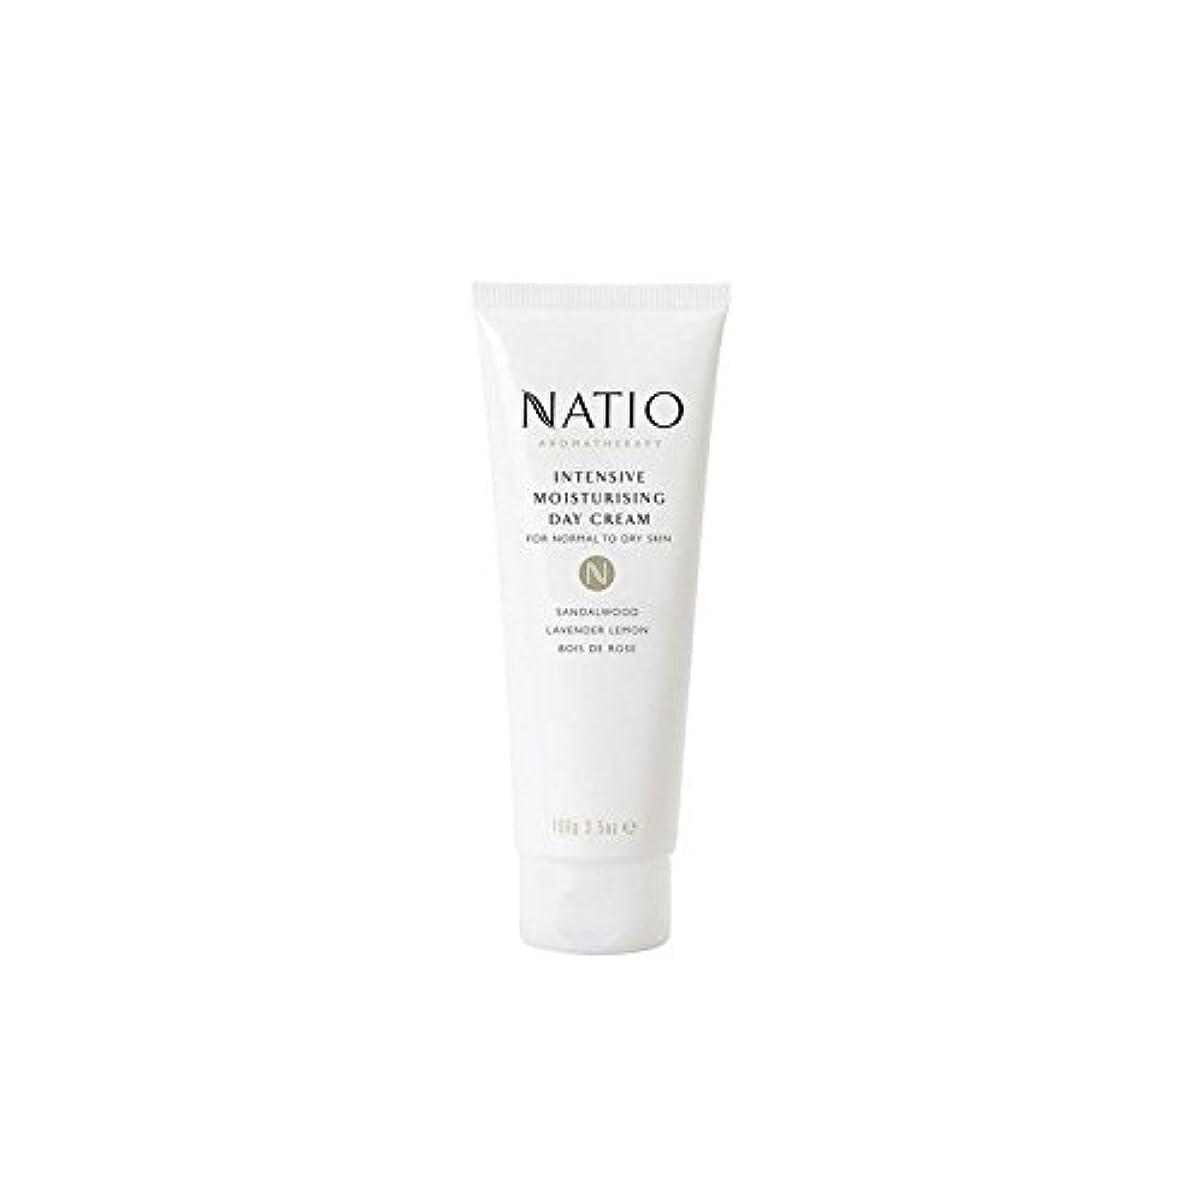 絶壁彼らの同種のNatio Intensive Moisturising Day Cream (100G) (Pack of 6) - 集中的な保湿デイクリーム(100グラム) x6 [並行輸入品]